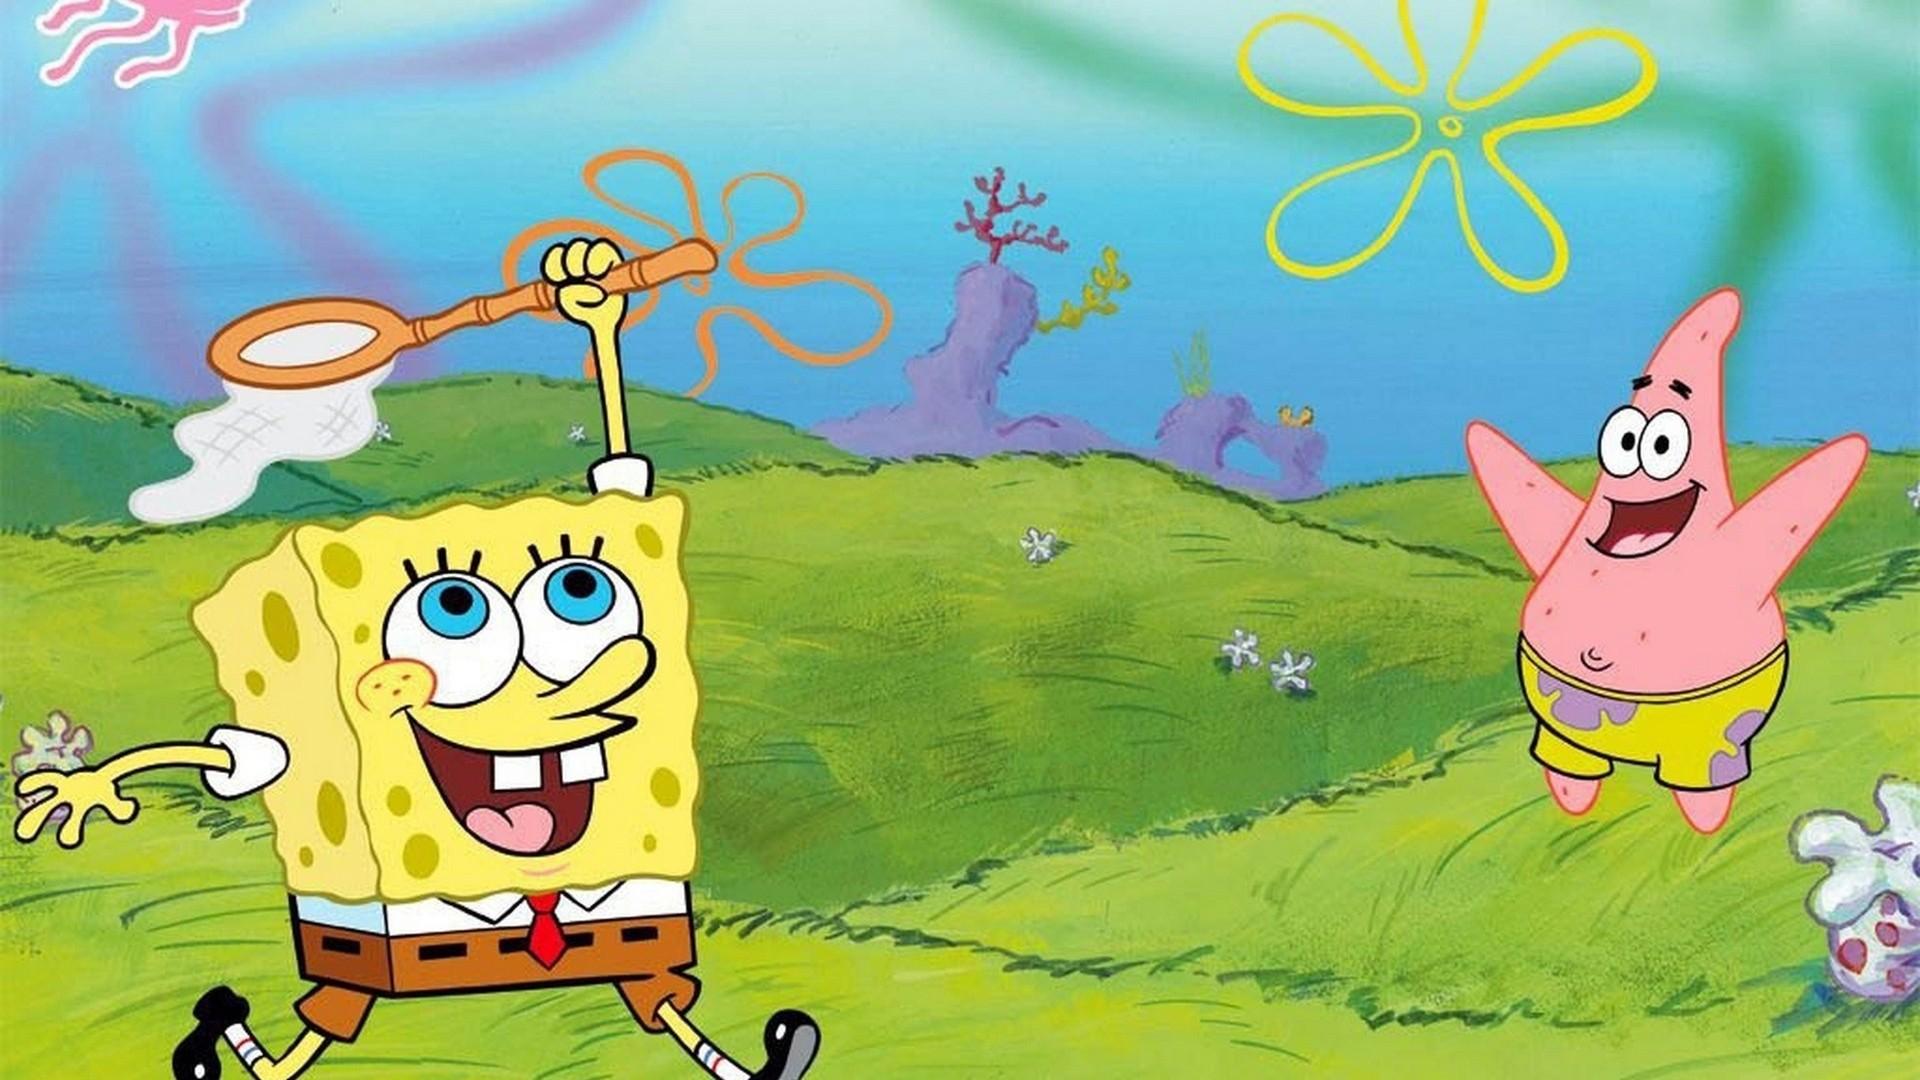 Spongebob And Patrick Wallpaper Pic